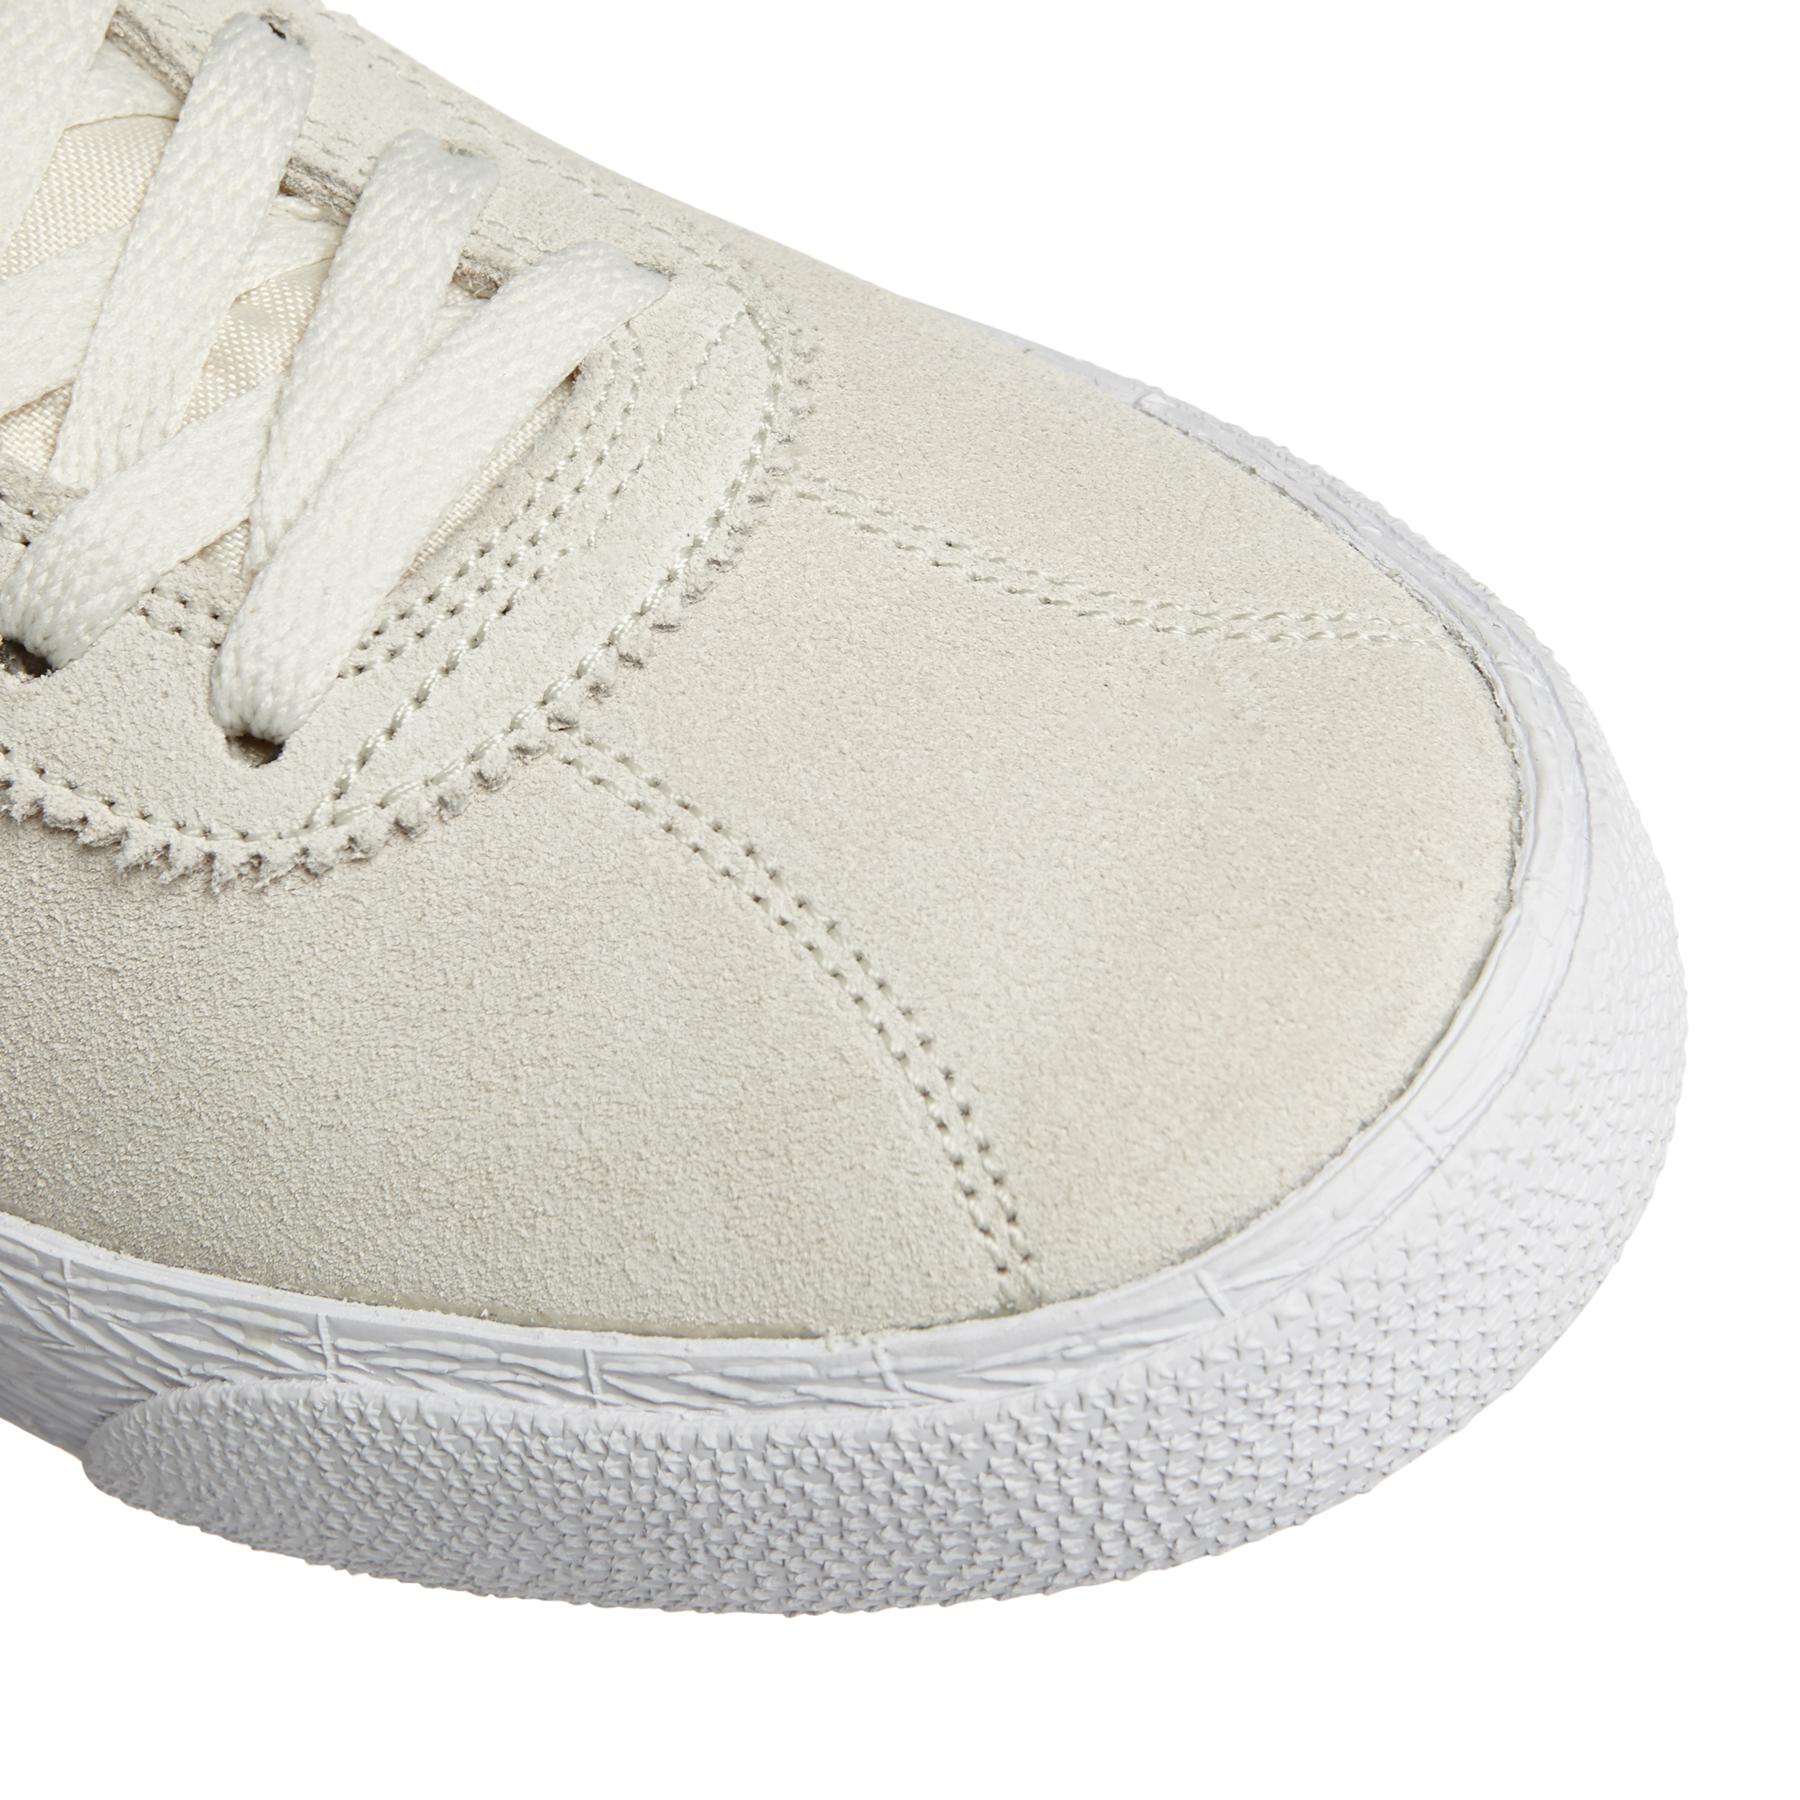 Nike SB Zoom Bruin Ultra Schoenen beschikbaar bij Surfdome